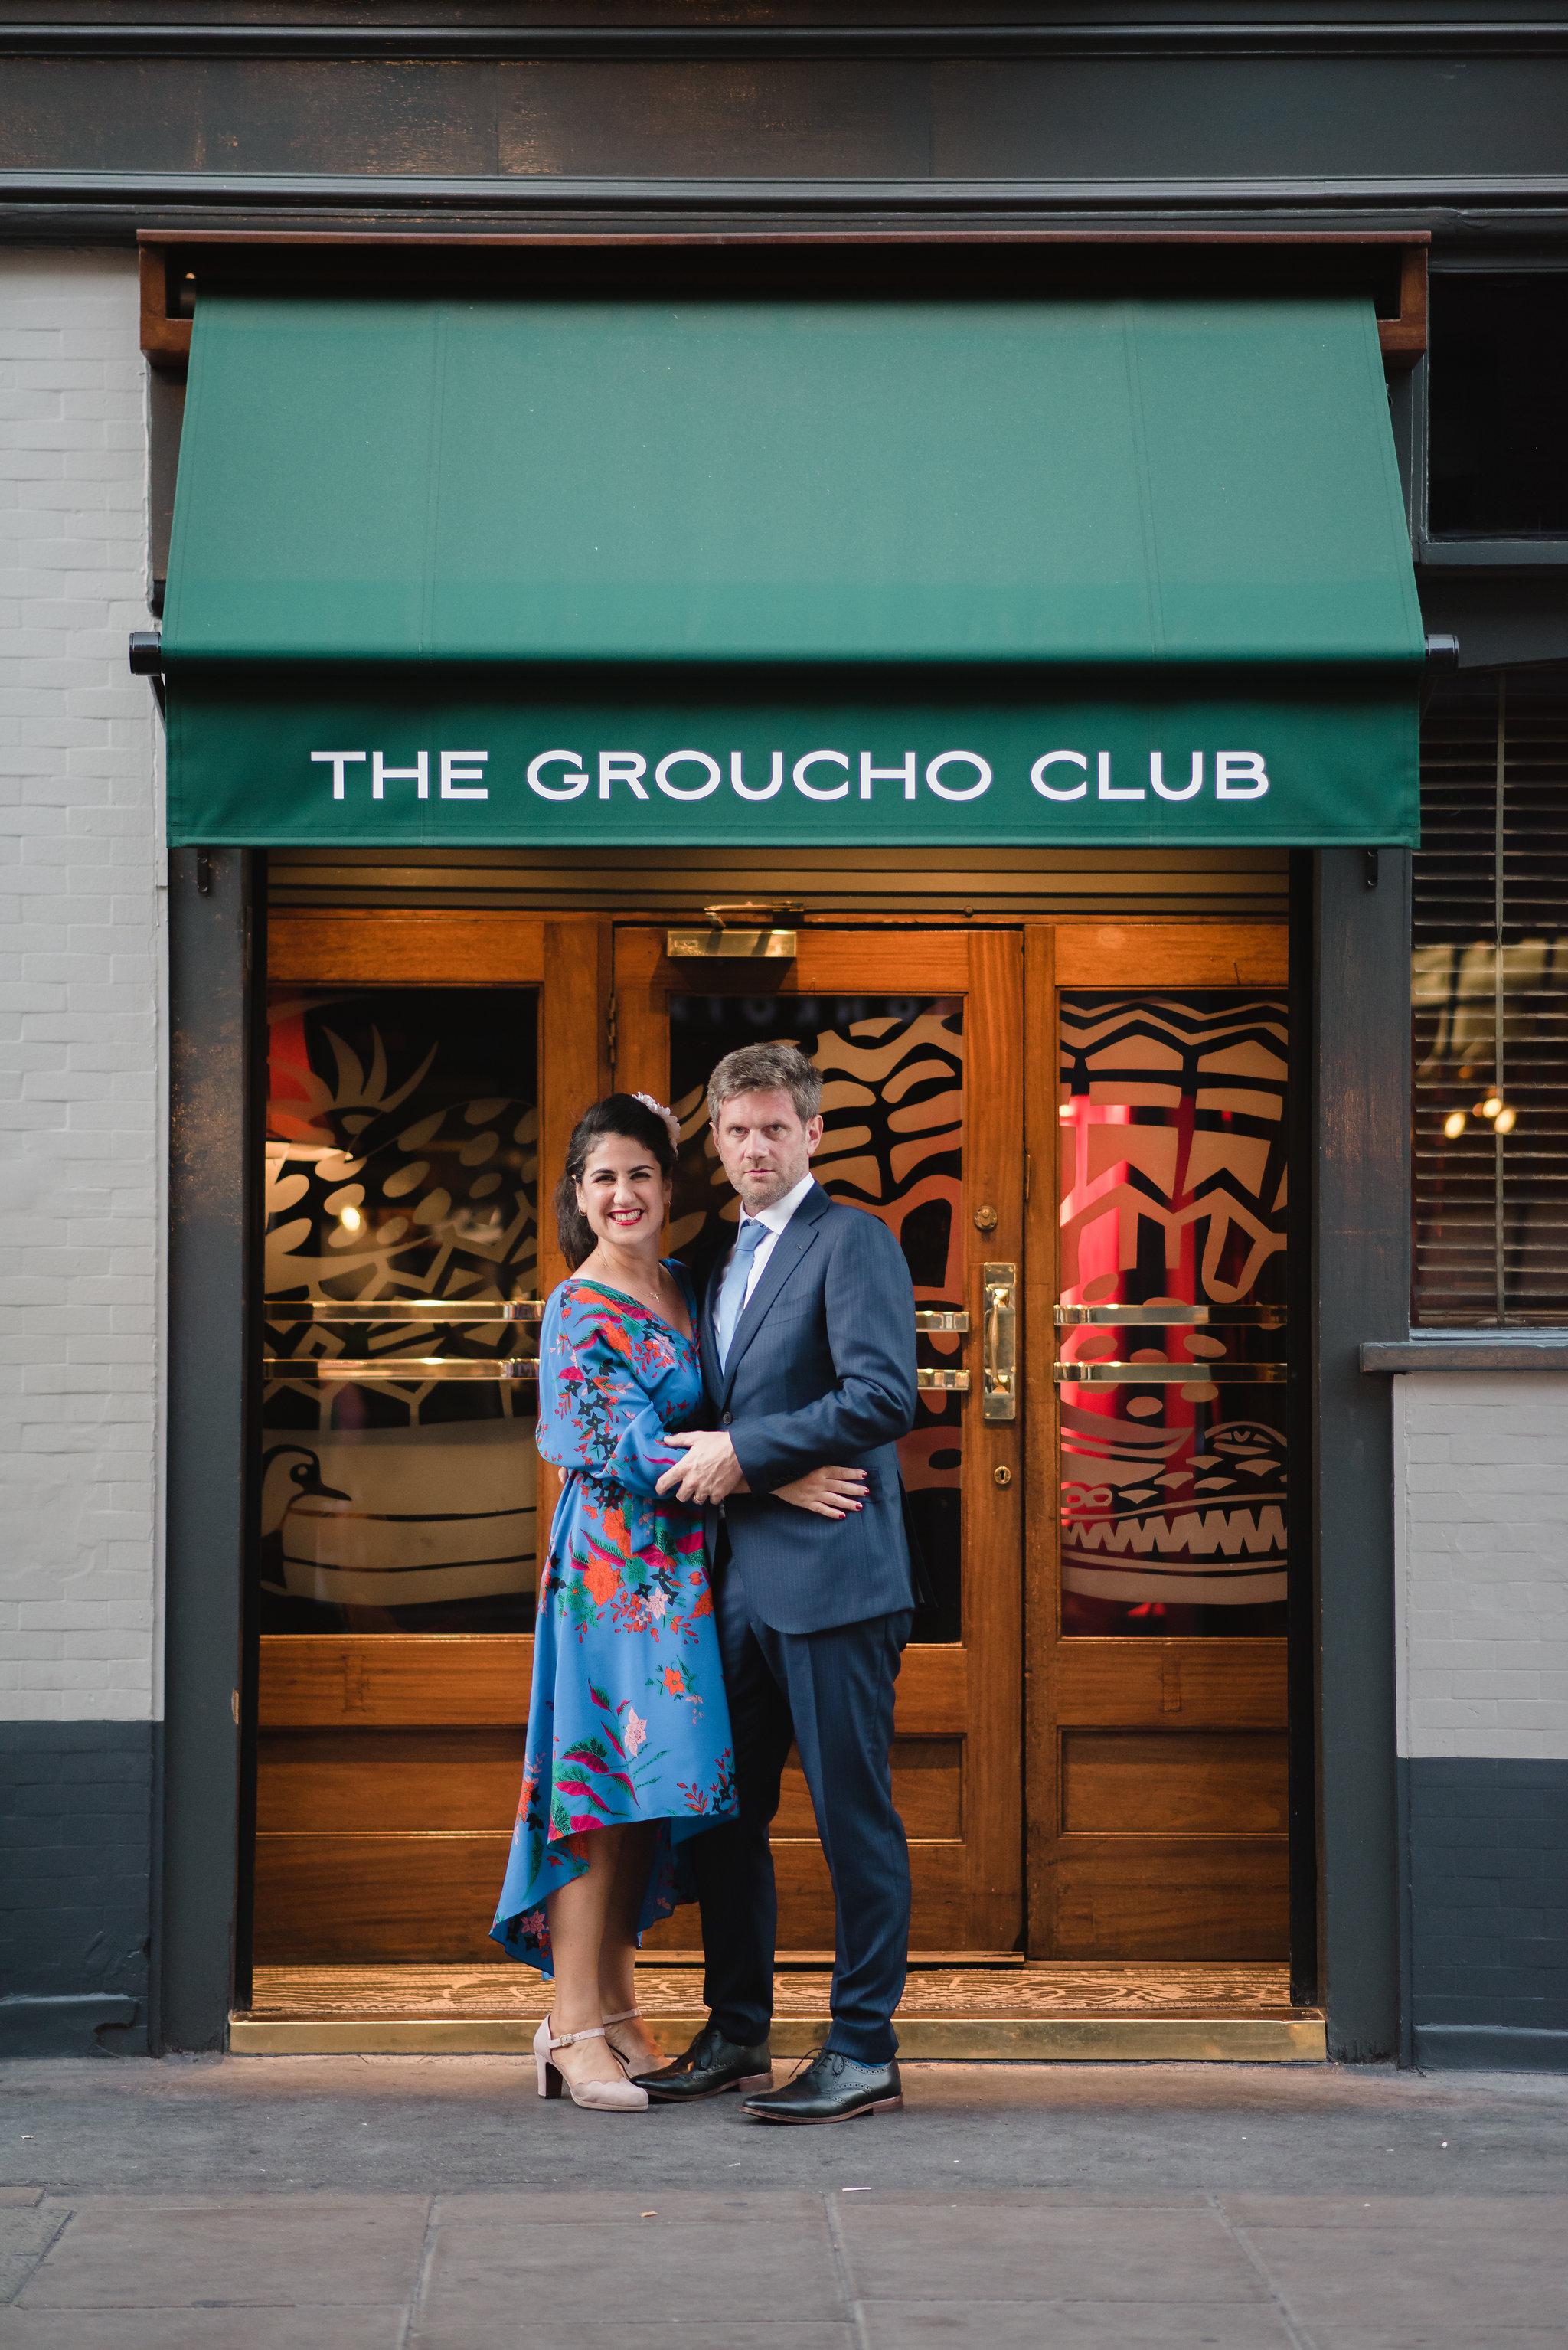 Old_Marylebone_Town_Hall_Groucho_Club_Wedding_127.jpg